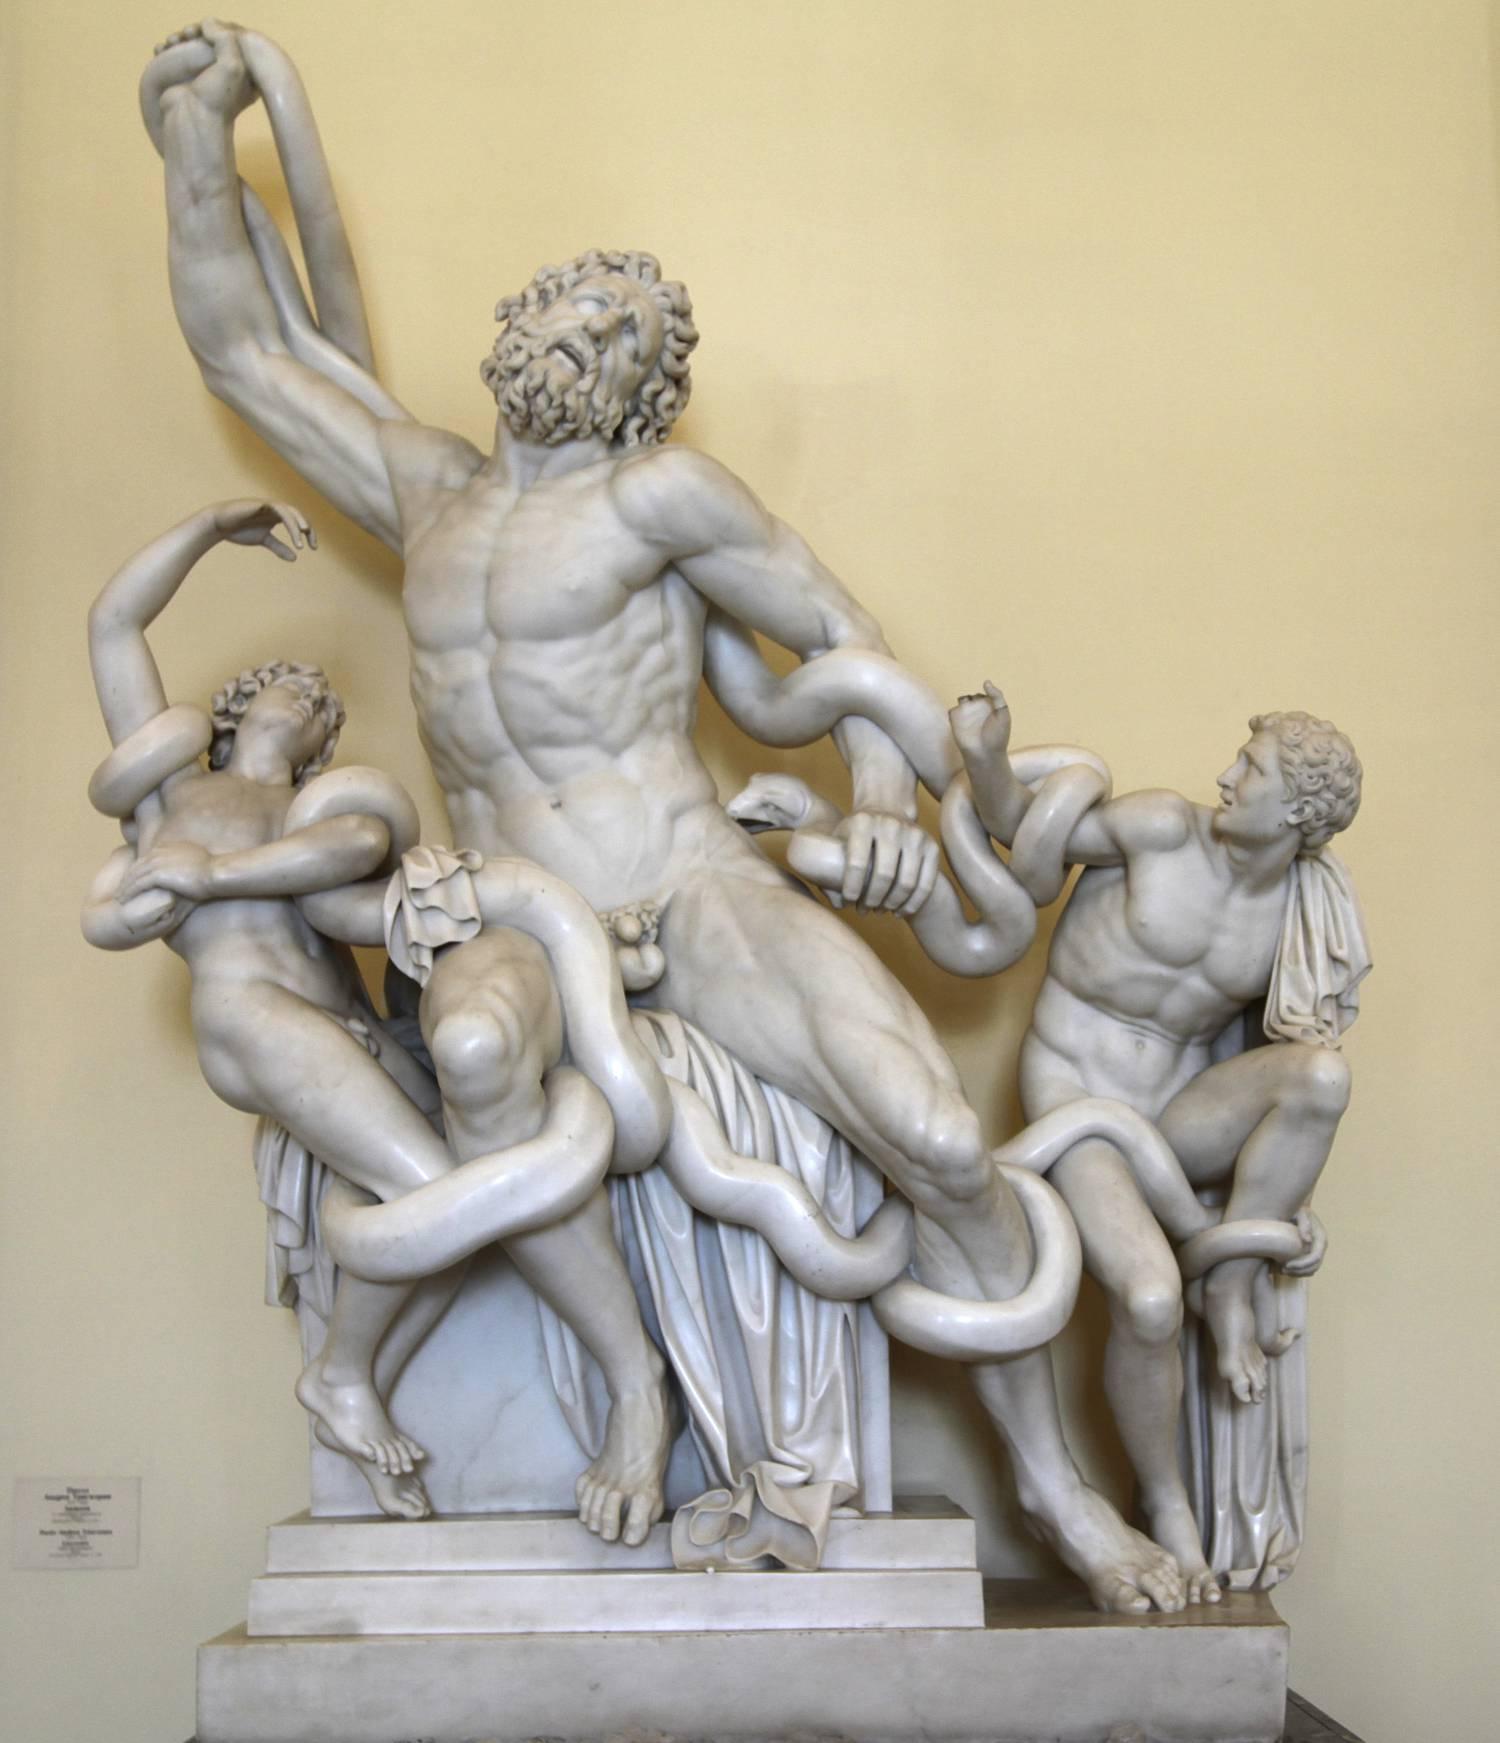 Miért van a régi férfiszobroknak olyan kis péniszük? | Az online férfimagazin